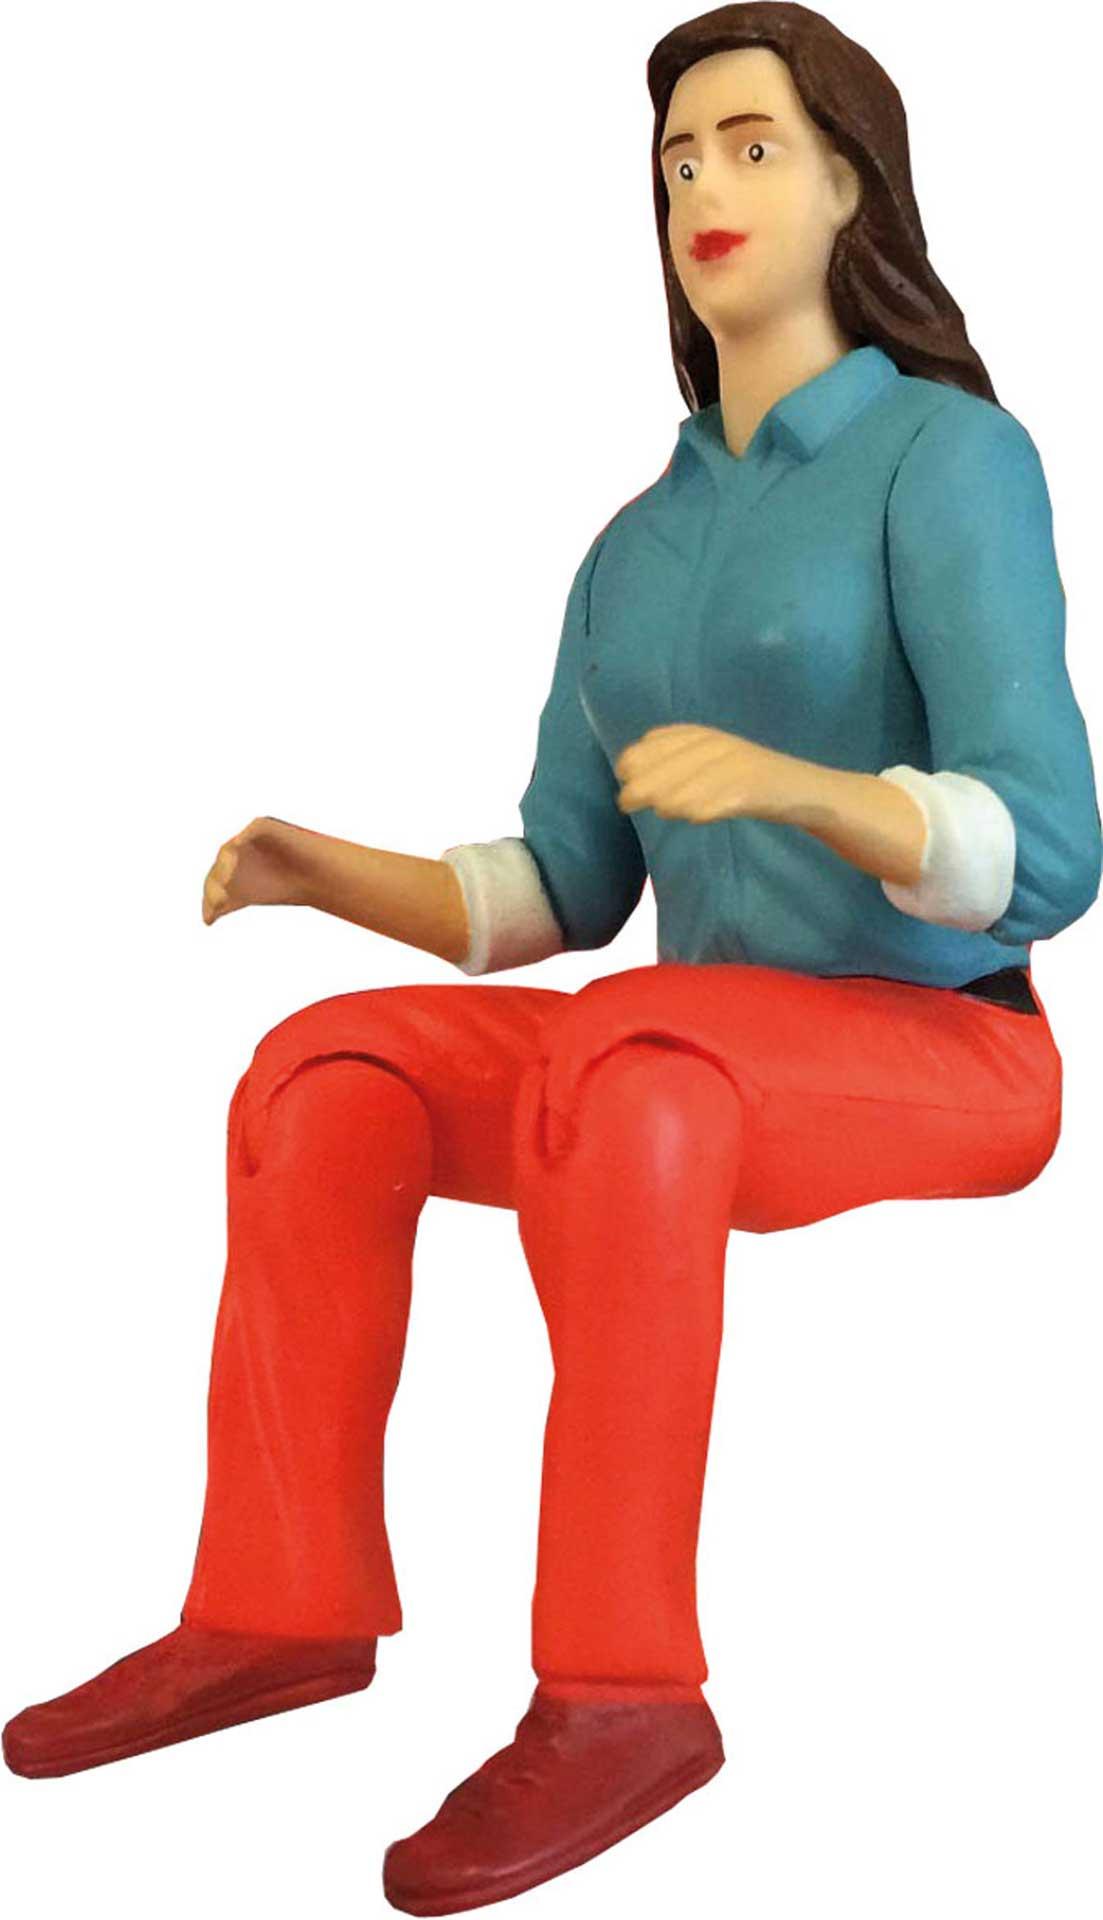 ROBBE Truck-Figur weiblich